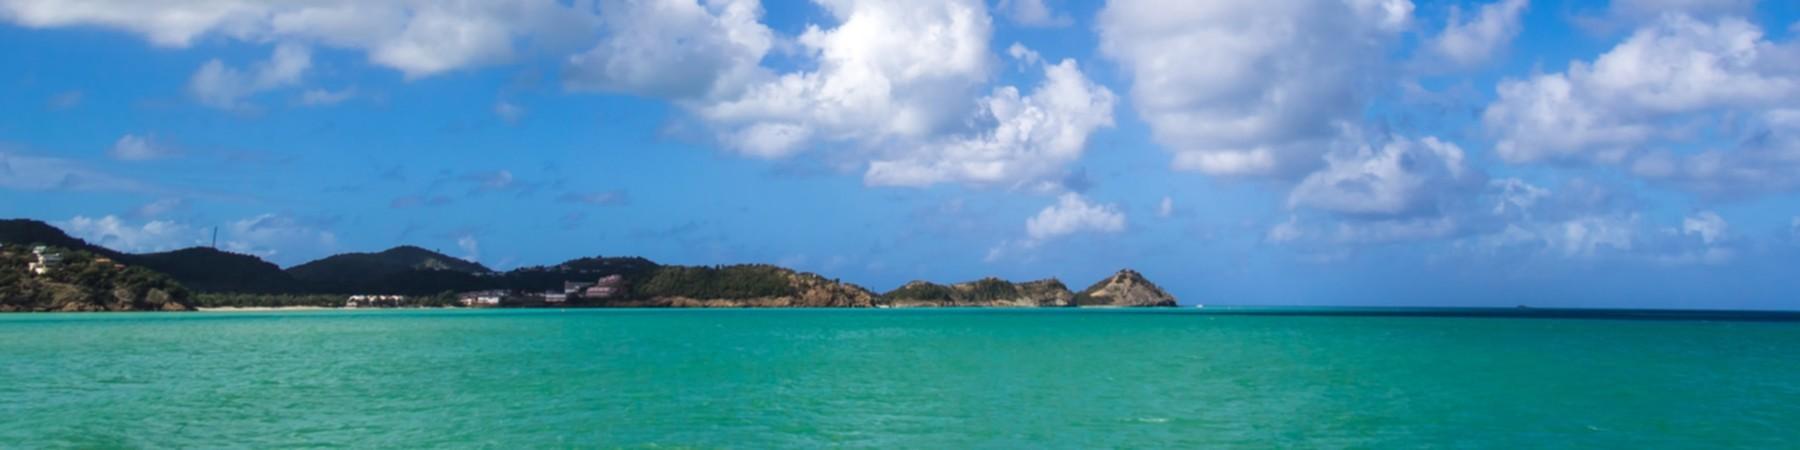 Barbuda Wikitravel